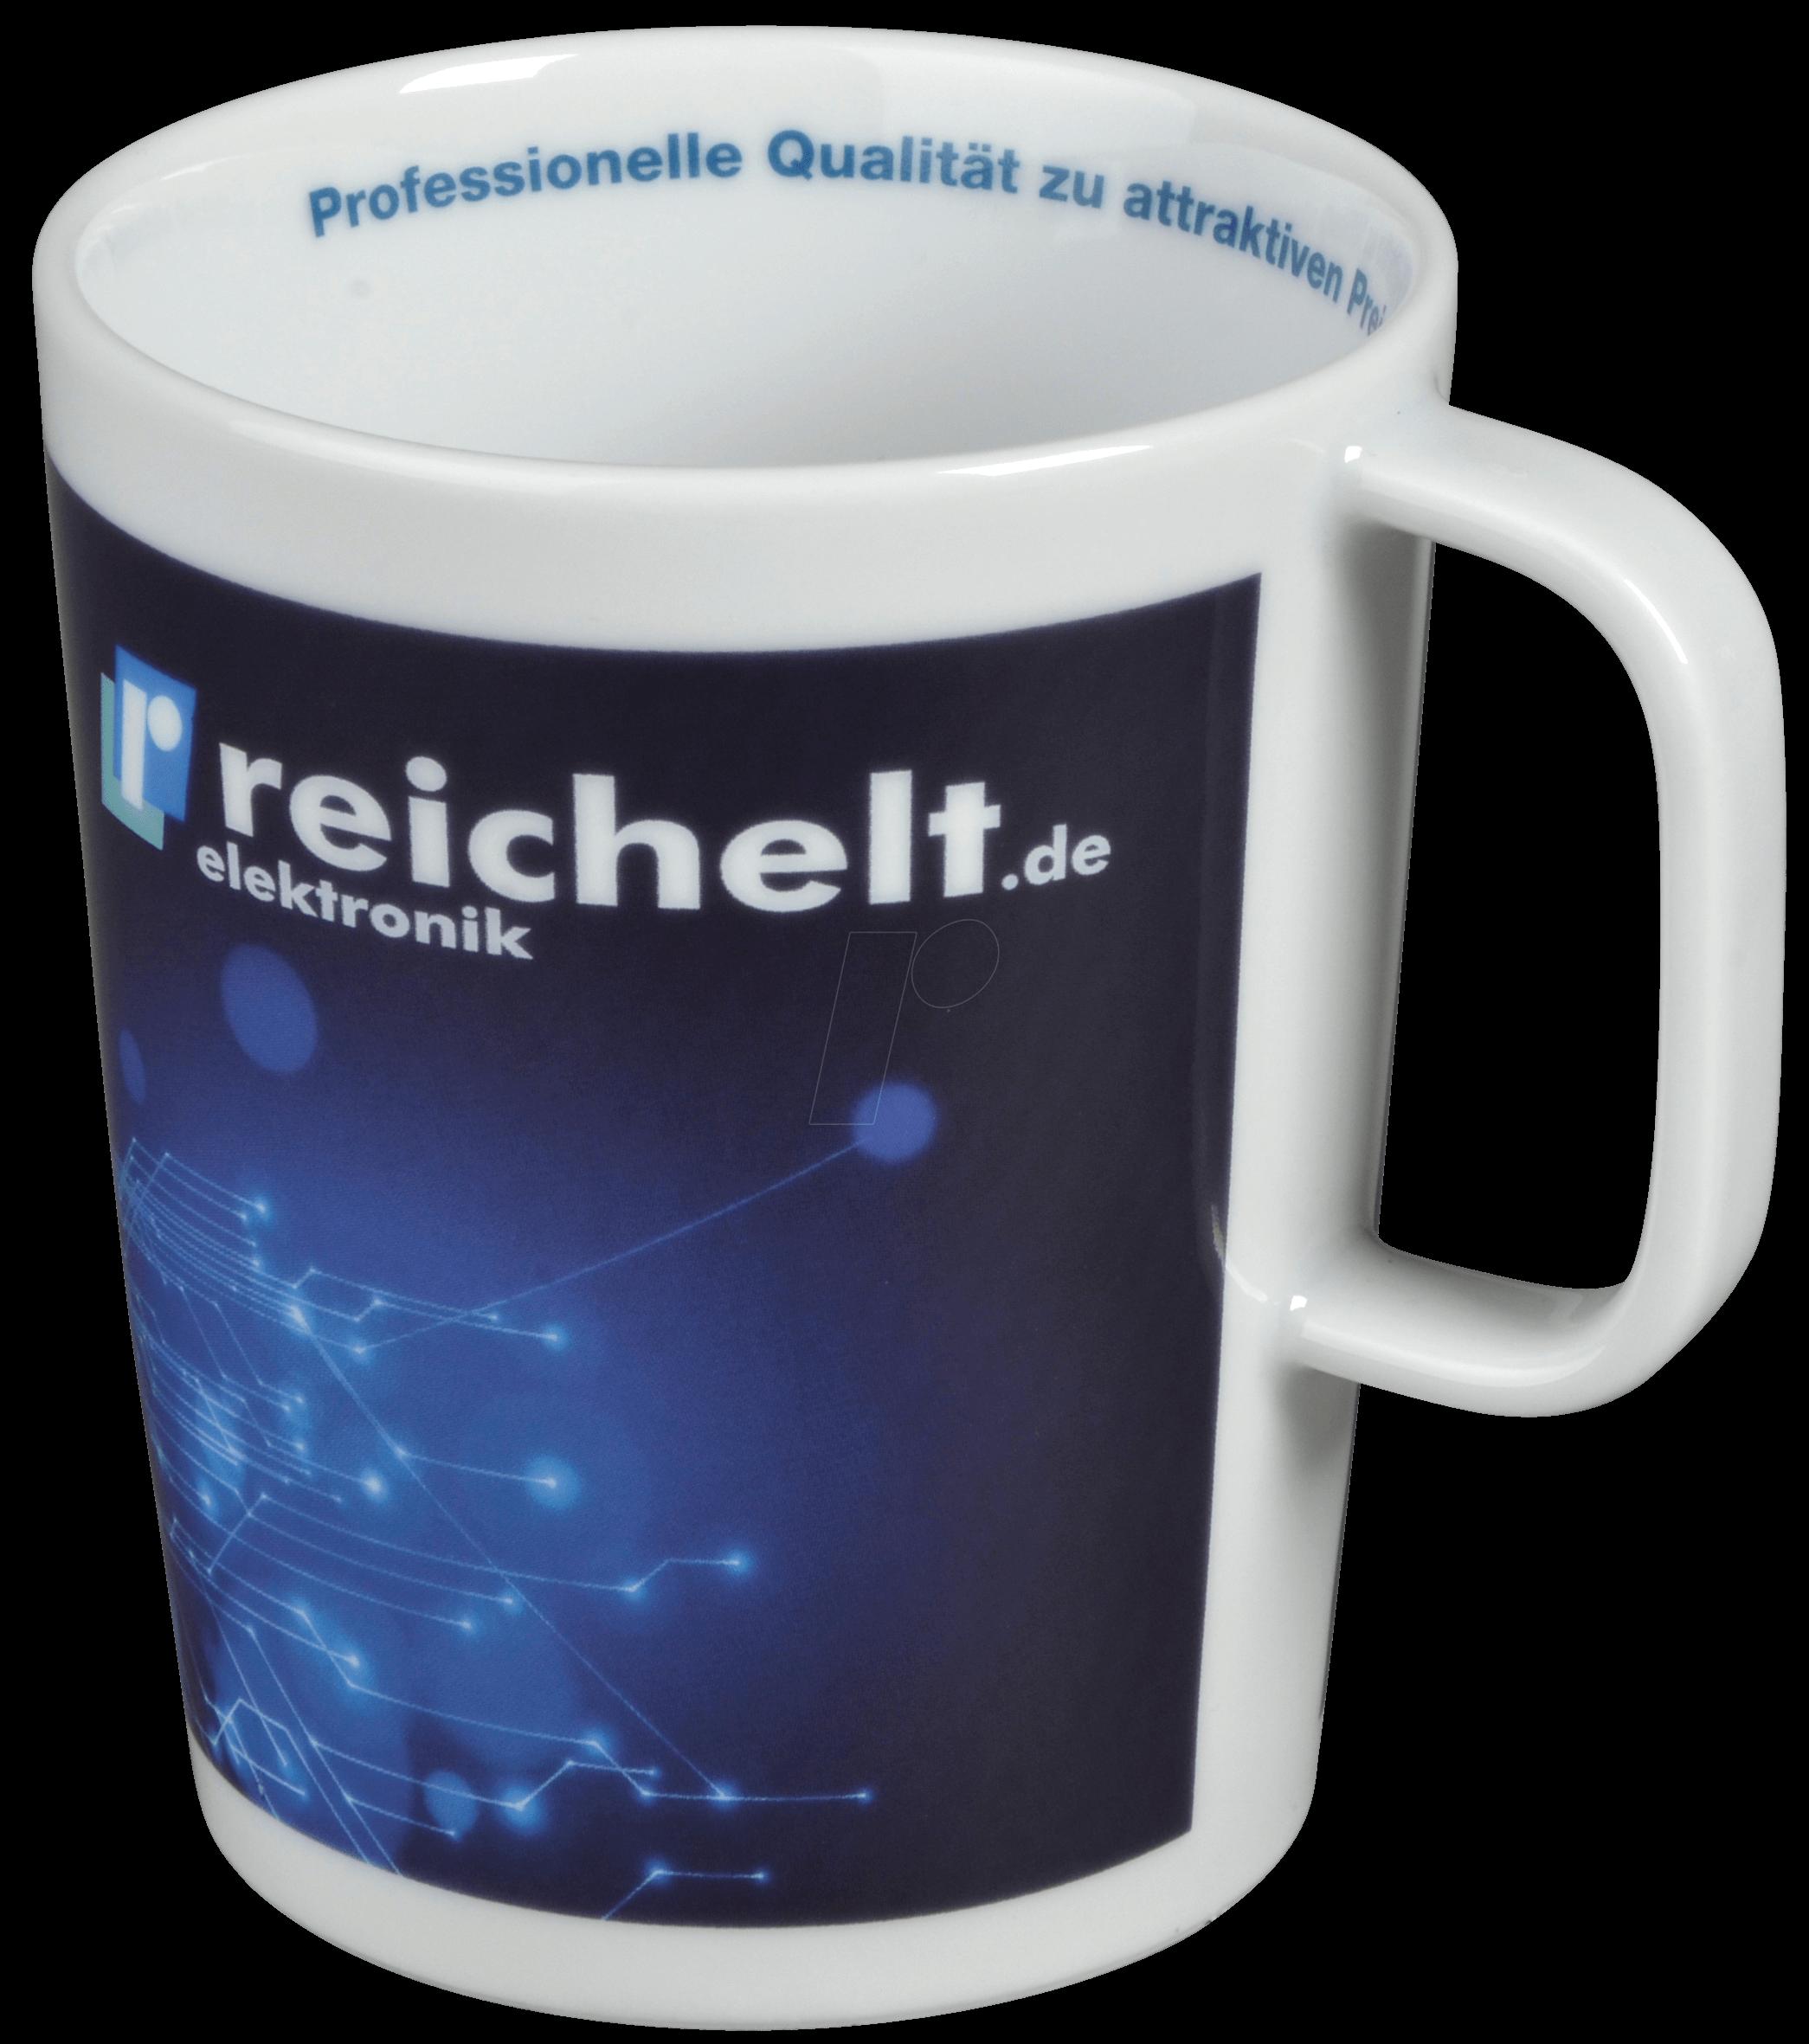 https://cdn-reichelt.de/bilder/web/xxl_ws/R600/REICHELT_TASSE_04.png